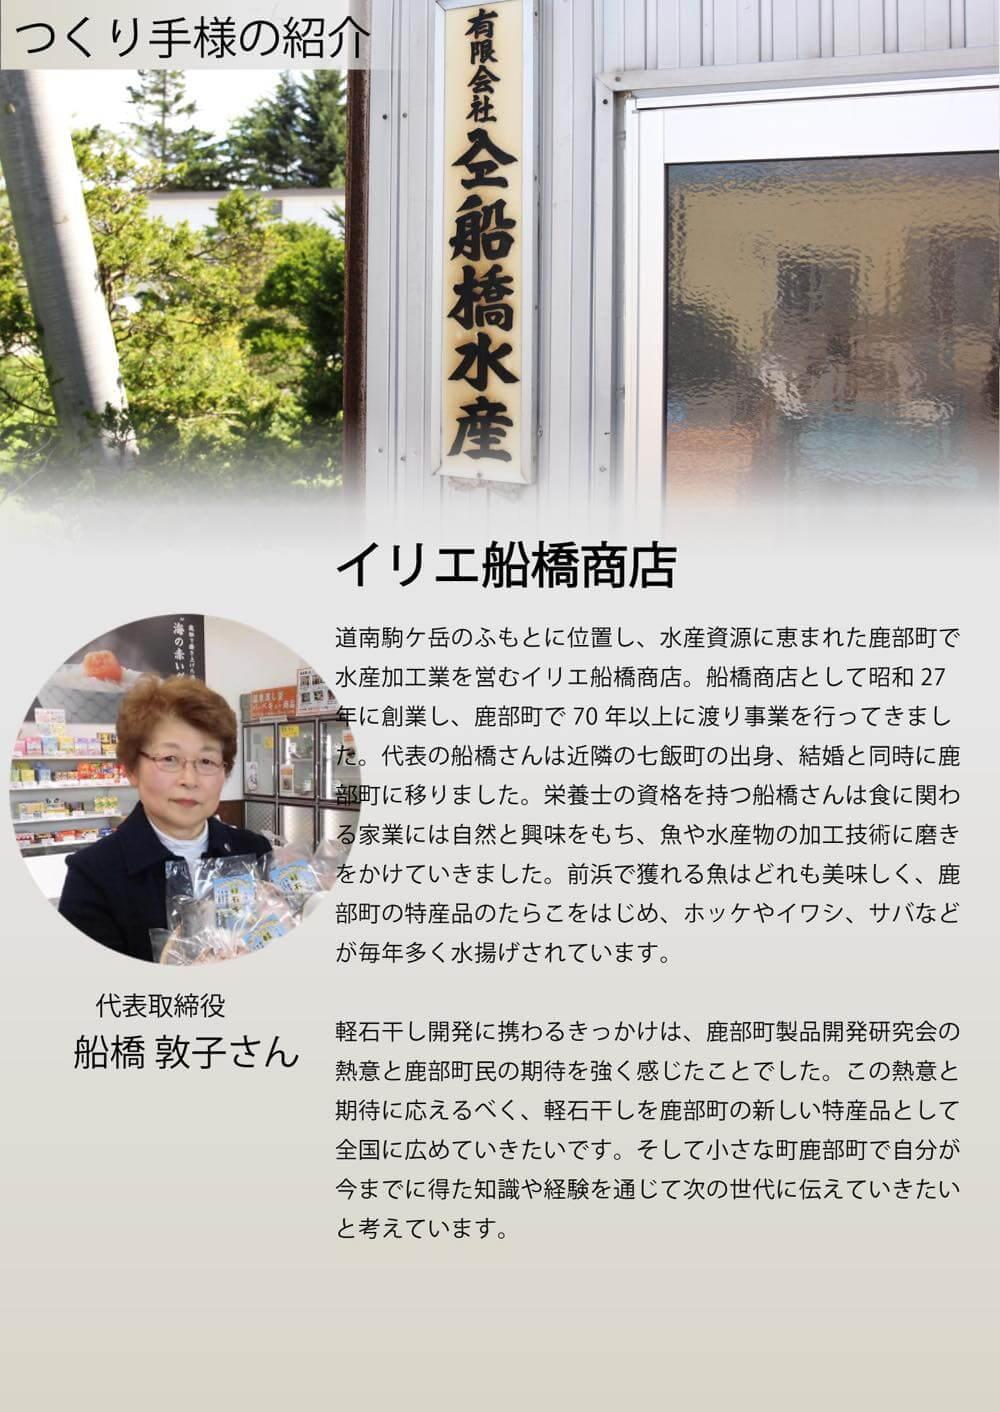 イリエ船橋商店のつくり手紹介ページ